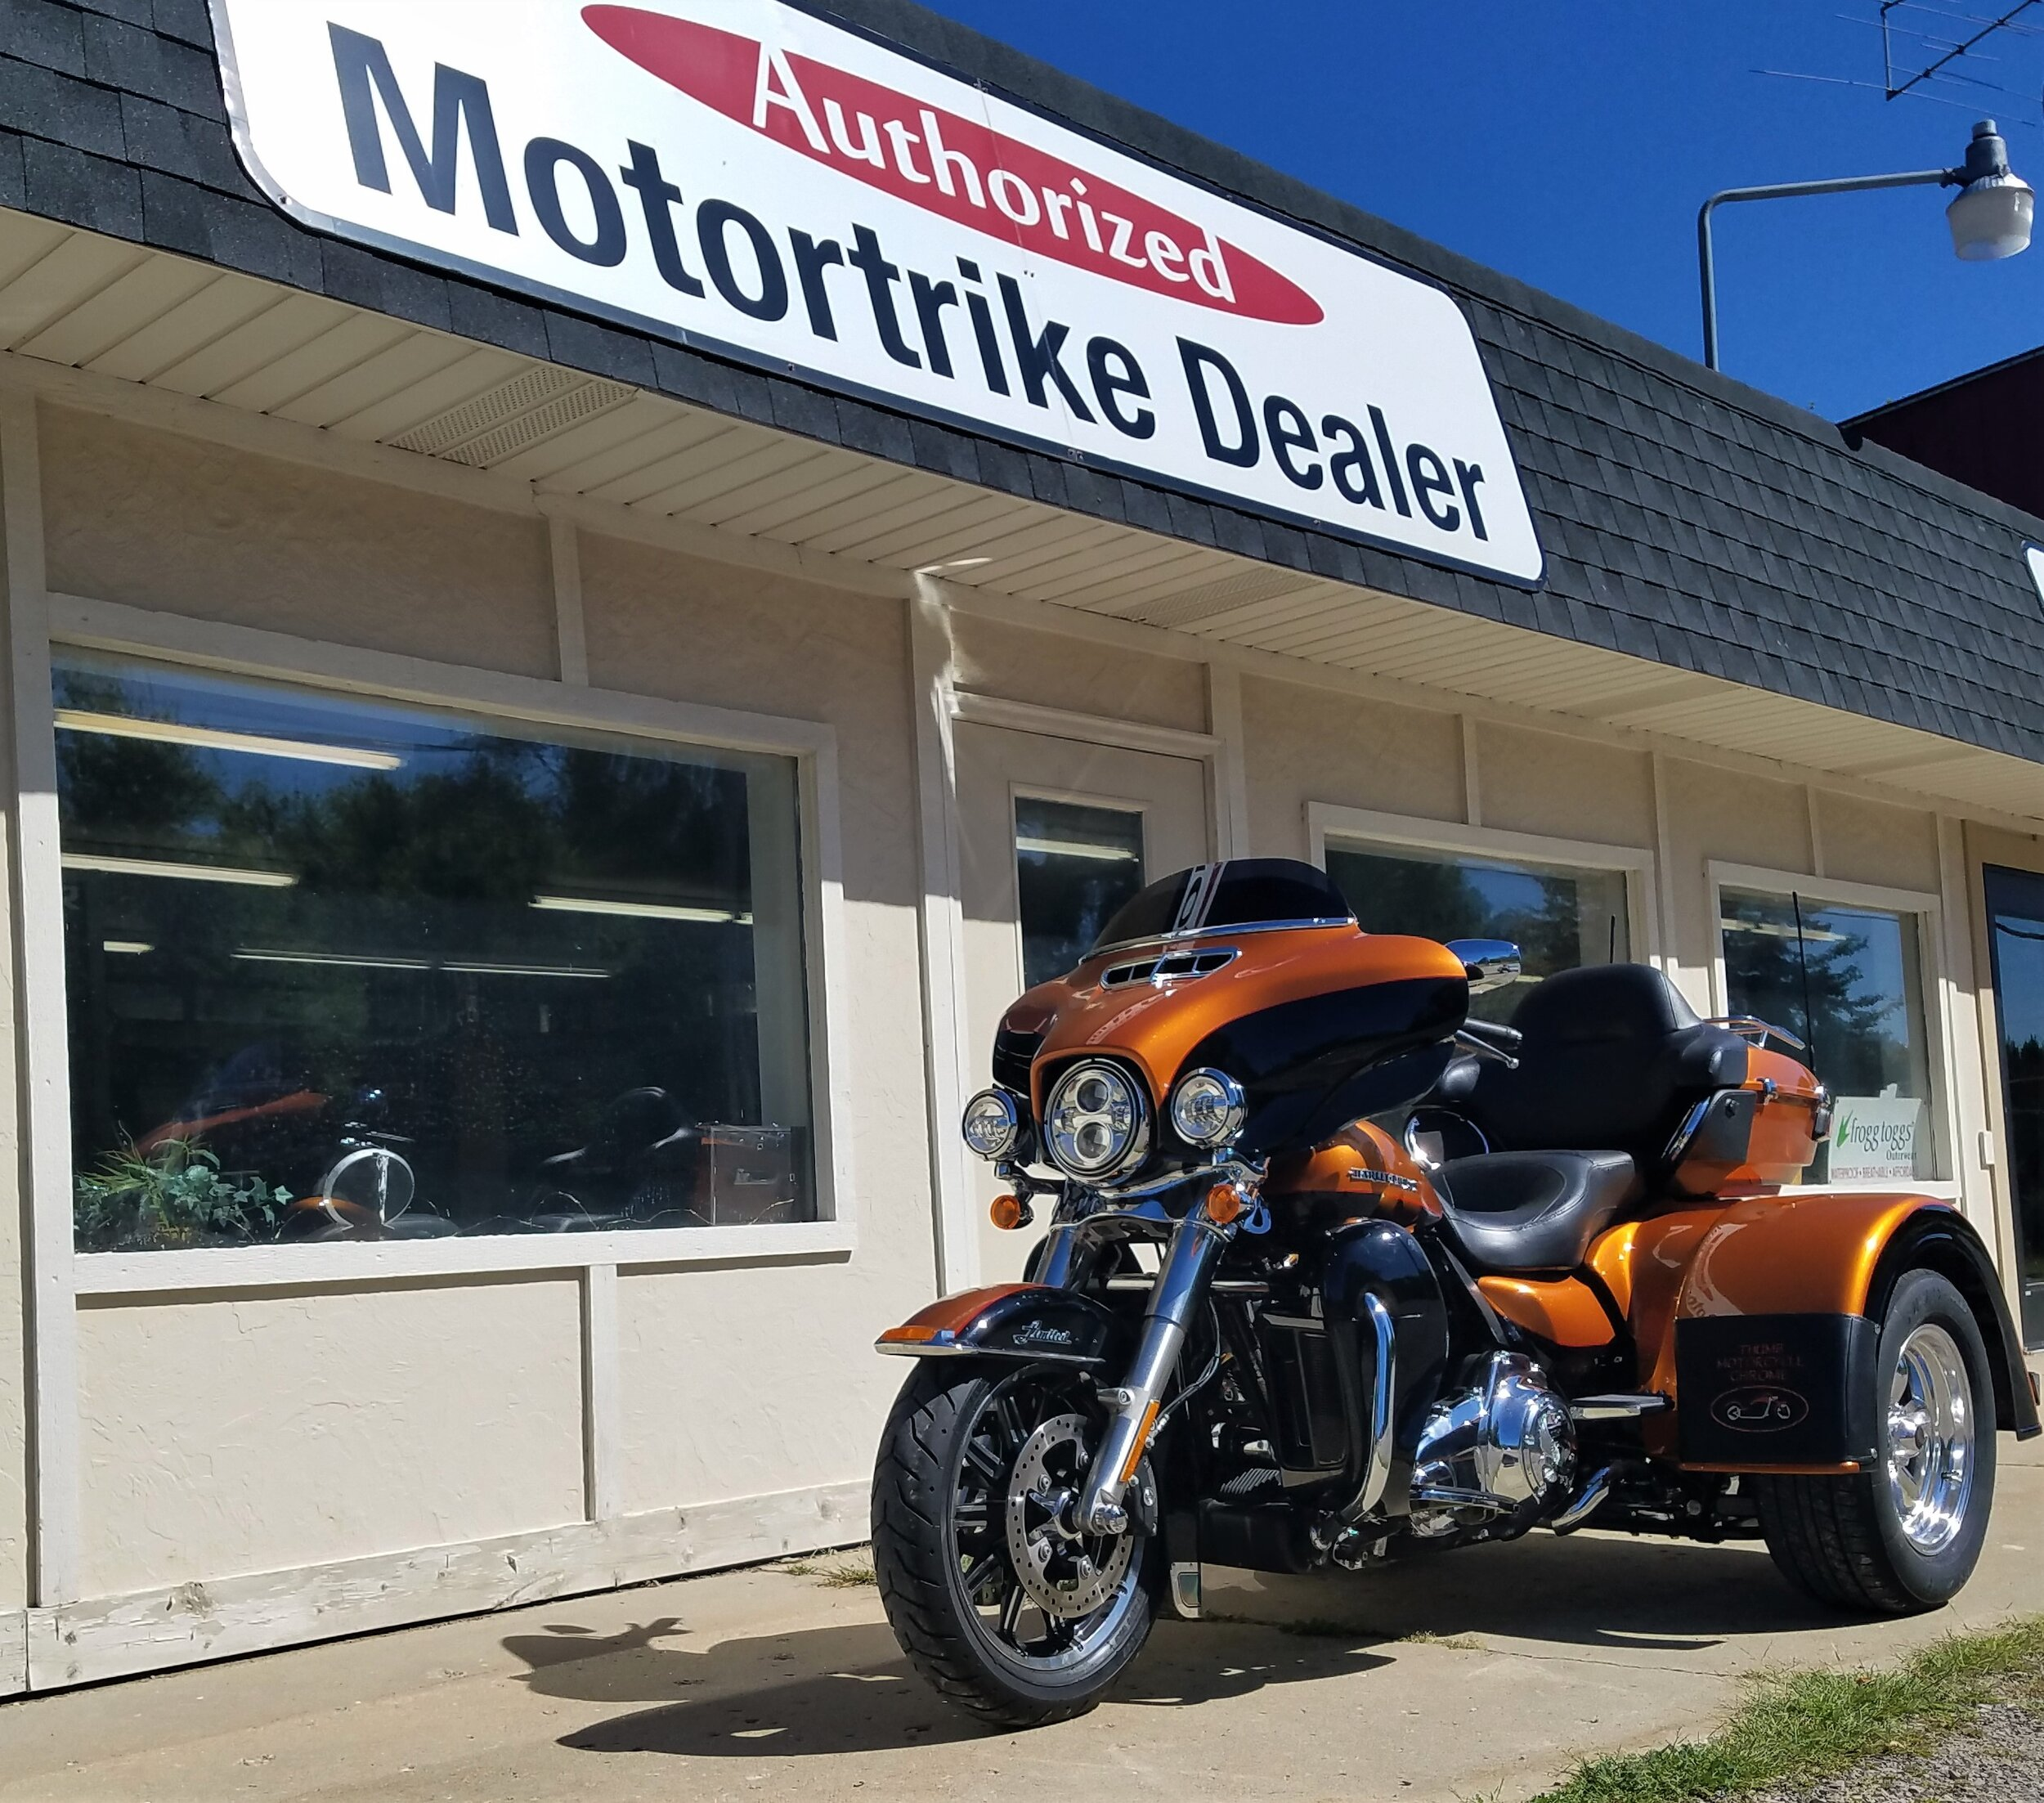 Offical Motor Trike Dealer.jpg